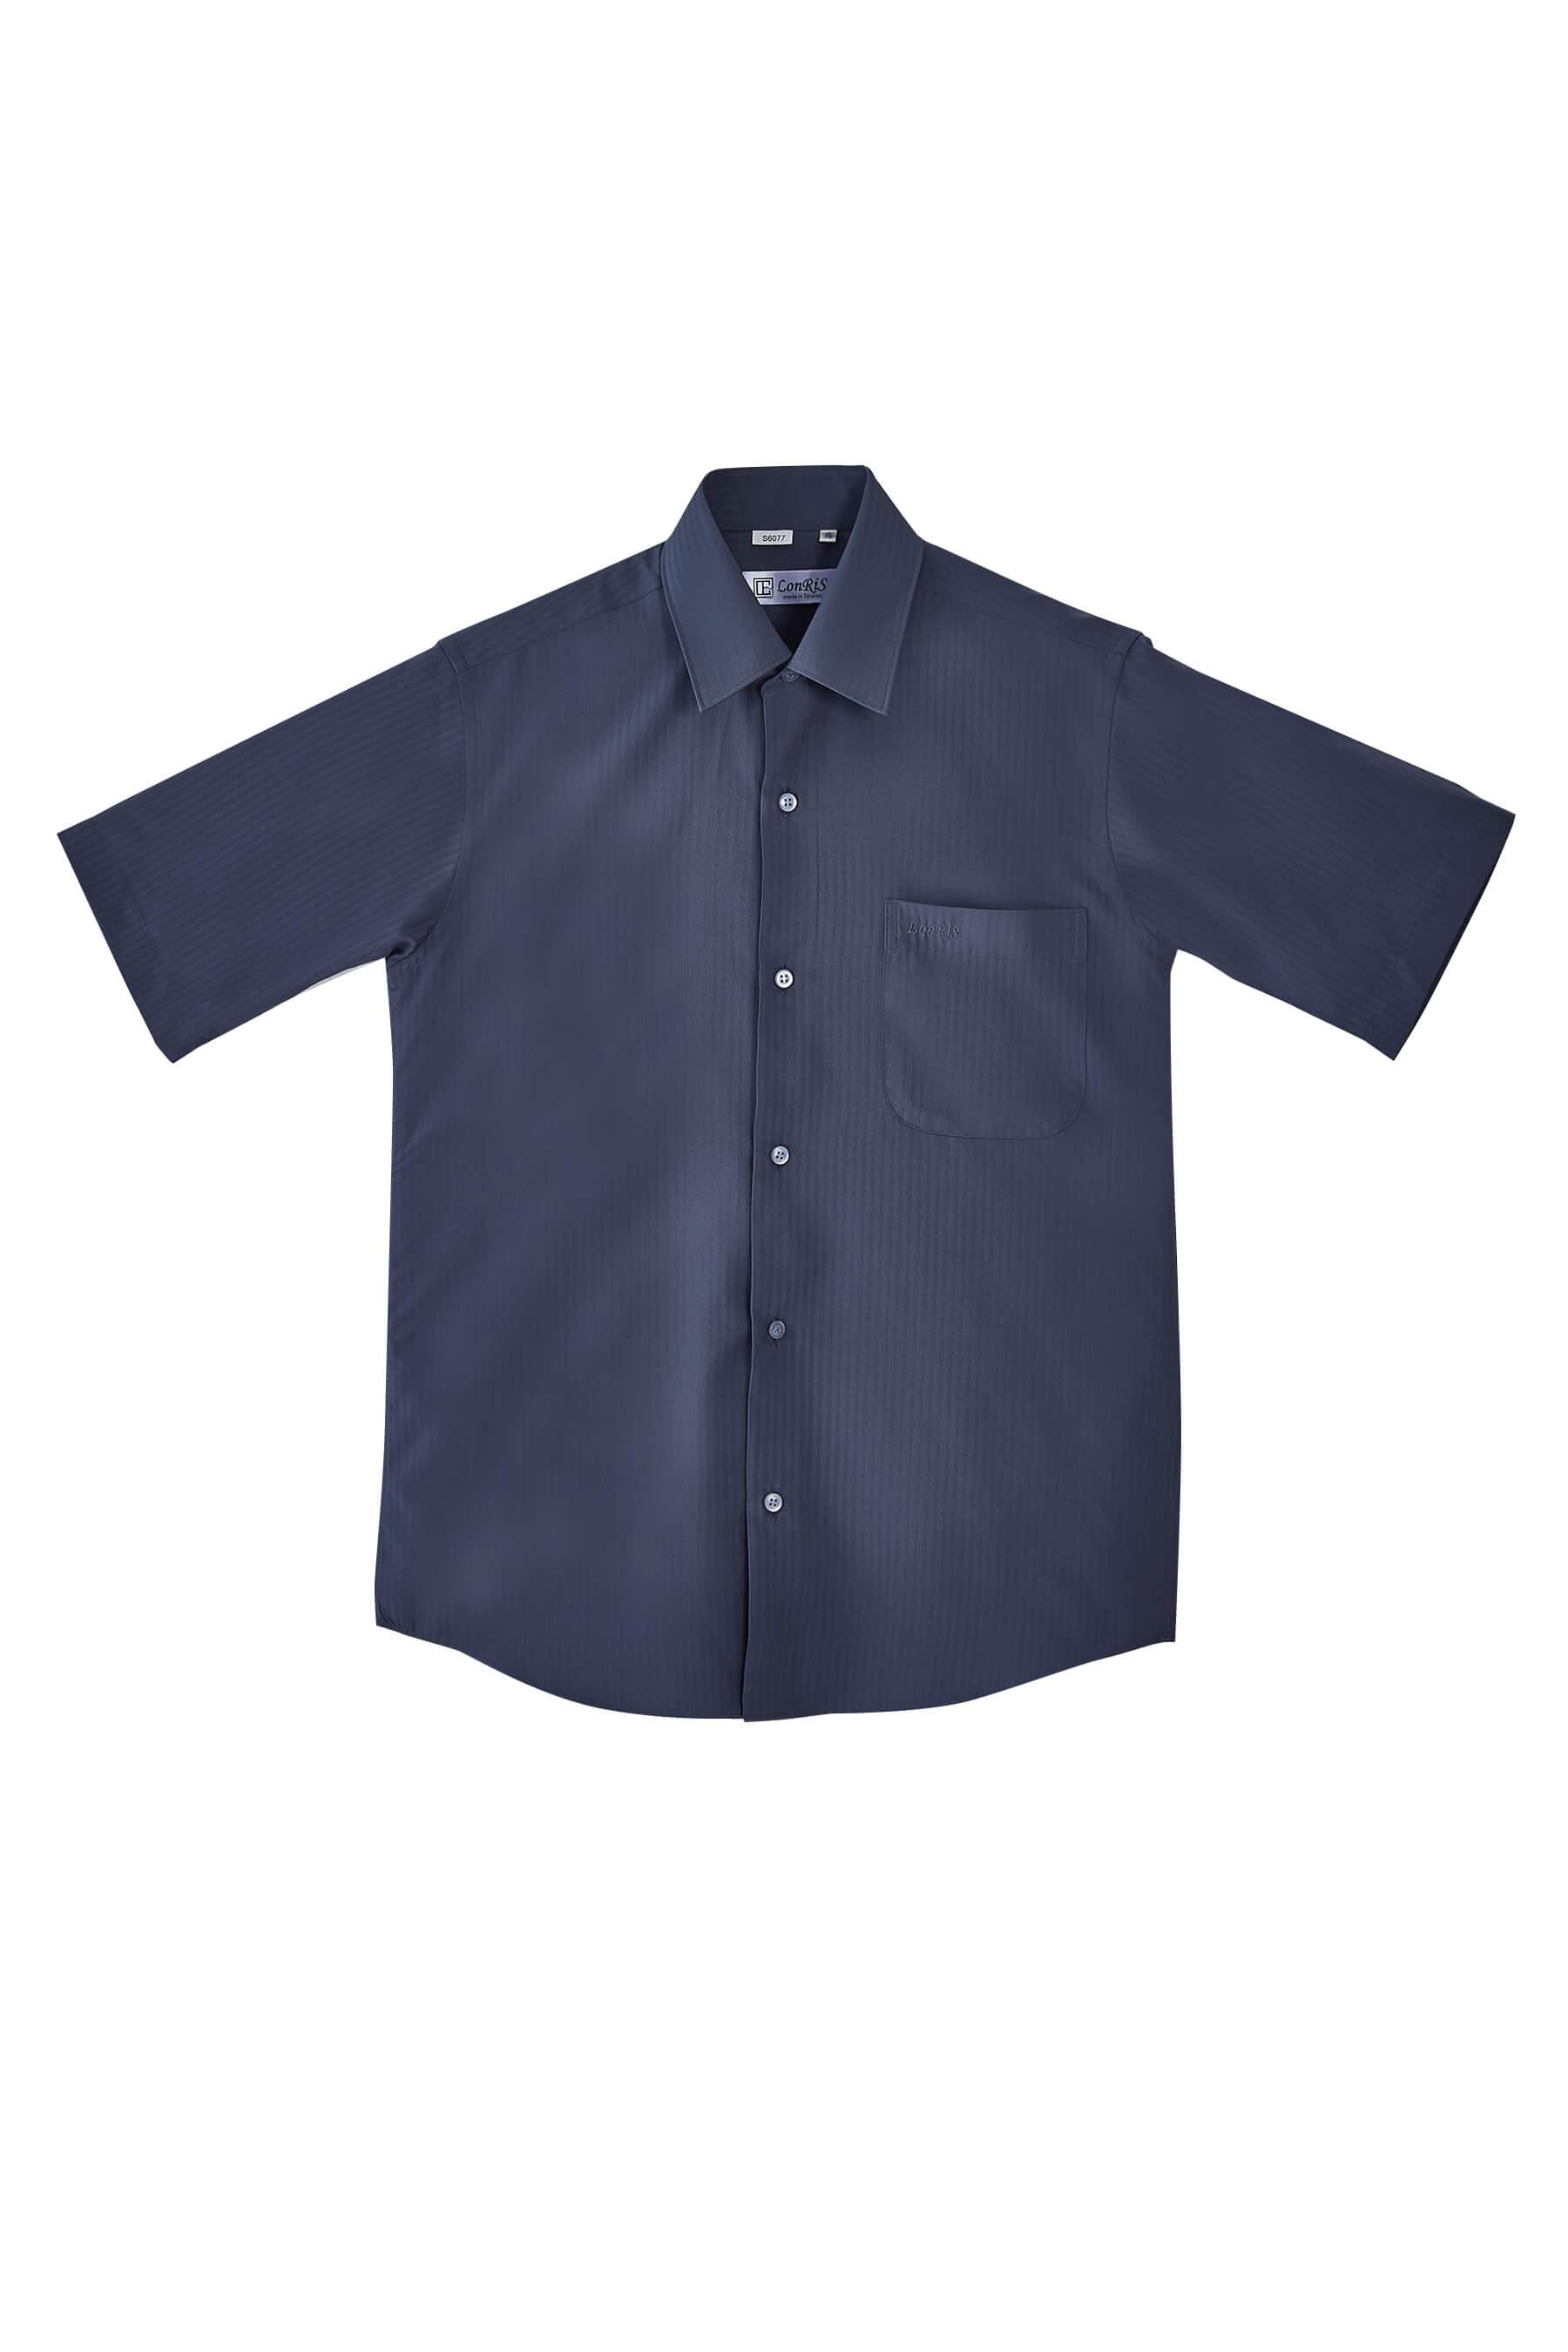 鐵灰色緹花短袖襯衫/抗皺 吸濕排汗